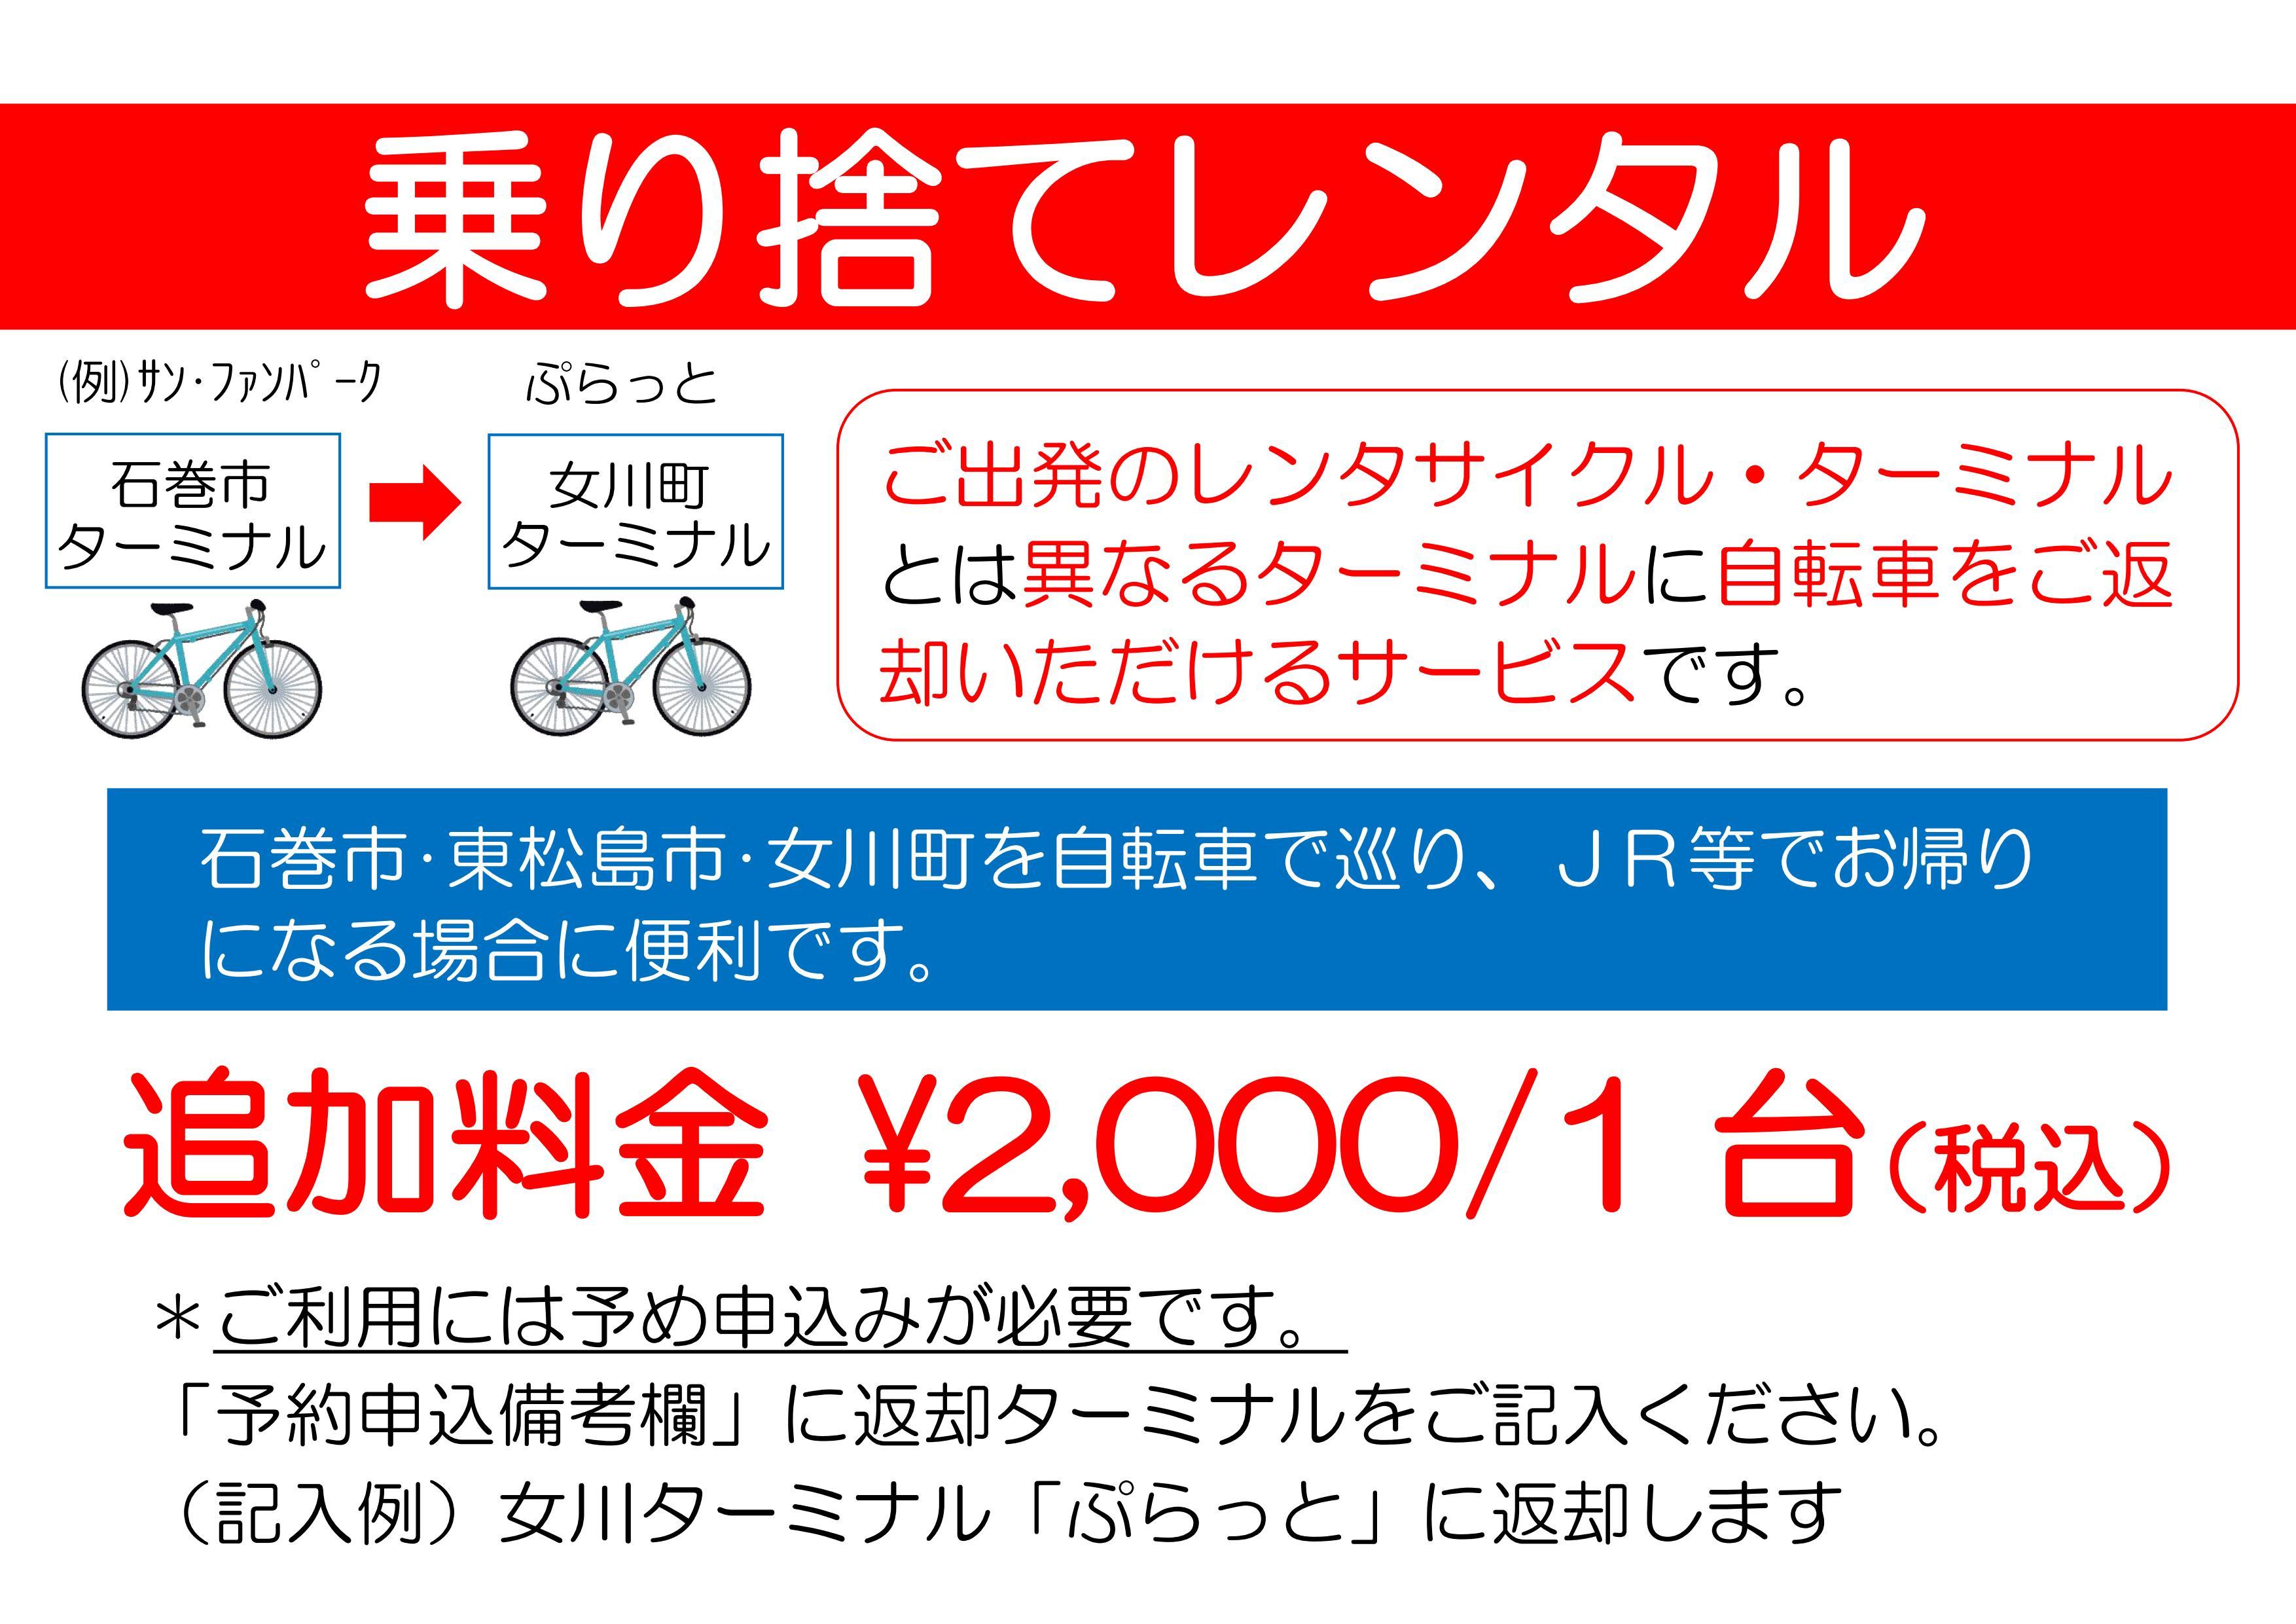 【石巻市】いしのまき元気いちば 男性XSタイプ 1日2台限定【コース番号:80301】